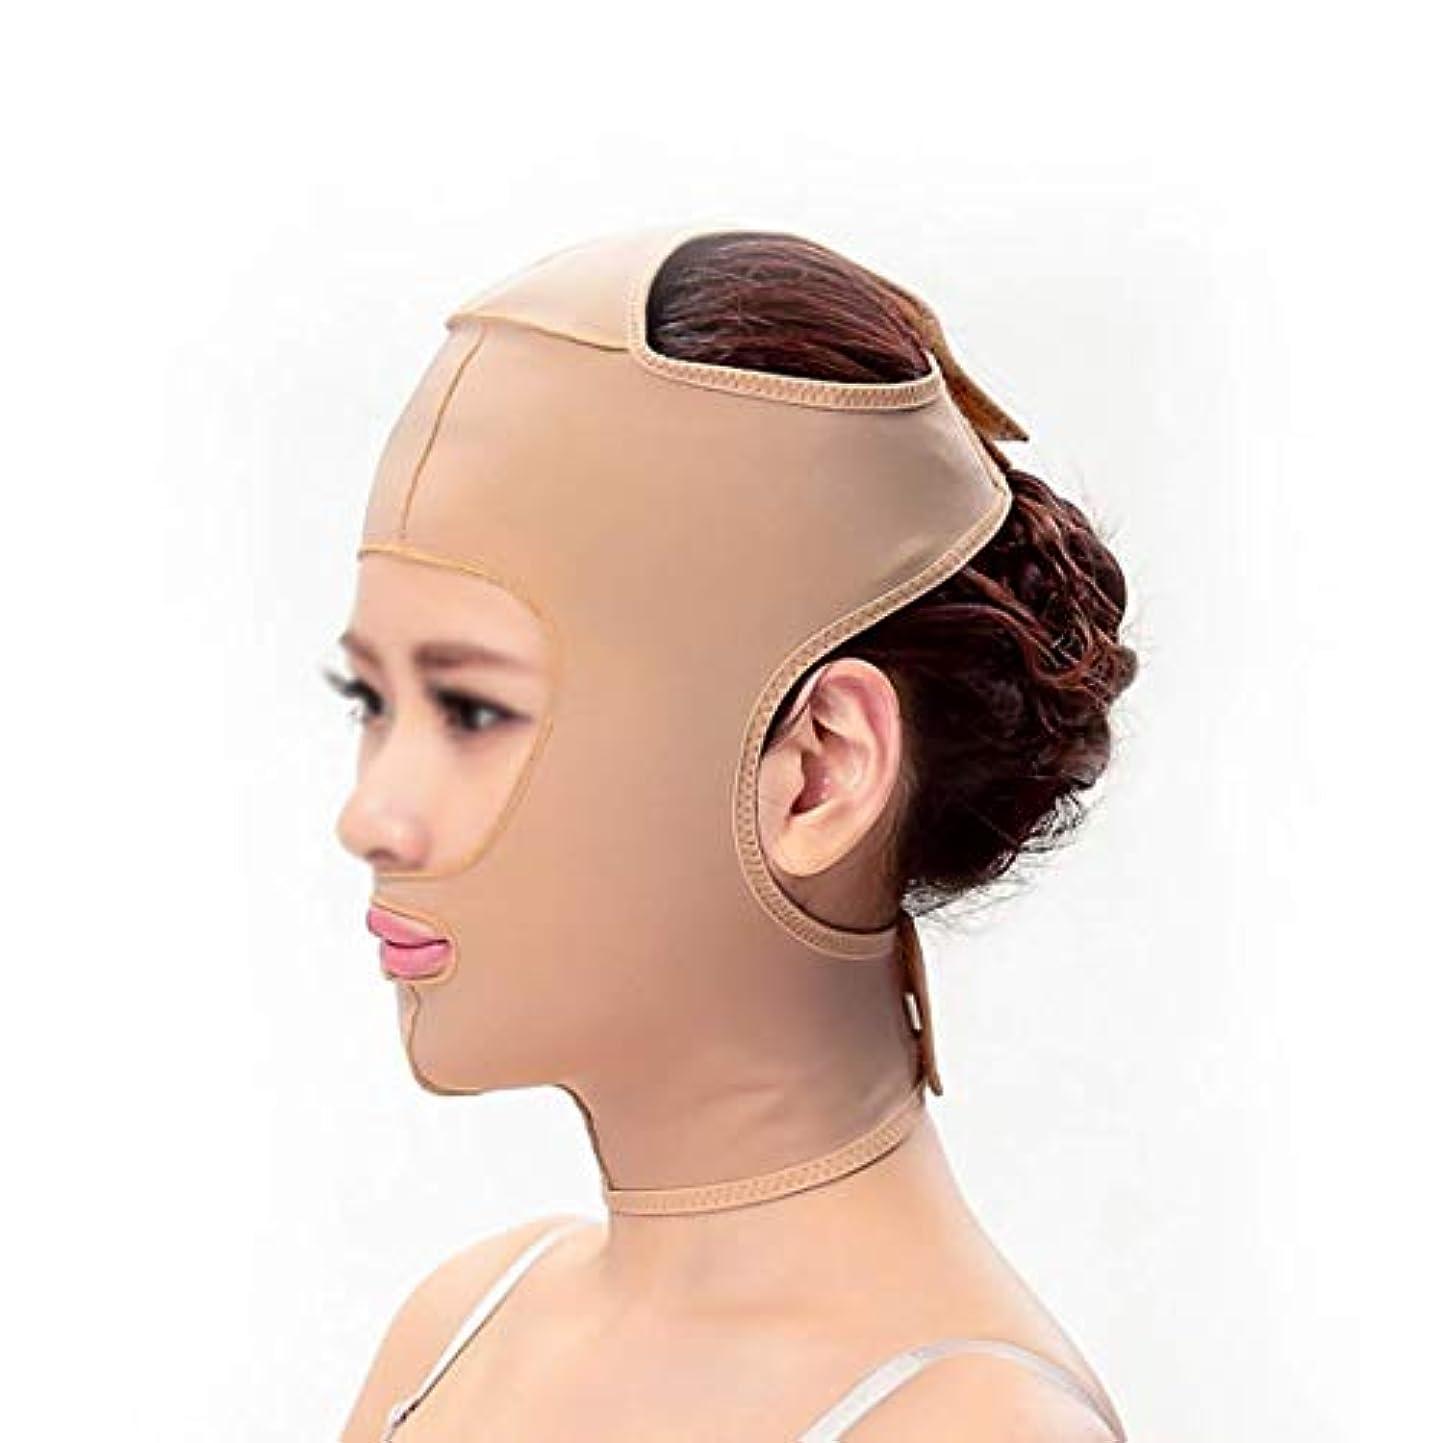 告白する芝生インシュレータスリミングベルト、フェイシャルマスク薄いフェイスマスク布布パターンを持ち上げるダブルあご引き締めフェイシャルプラスチック顔アーティファクト強力な顔包帯(サイズ:XXL)